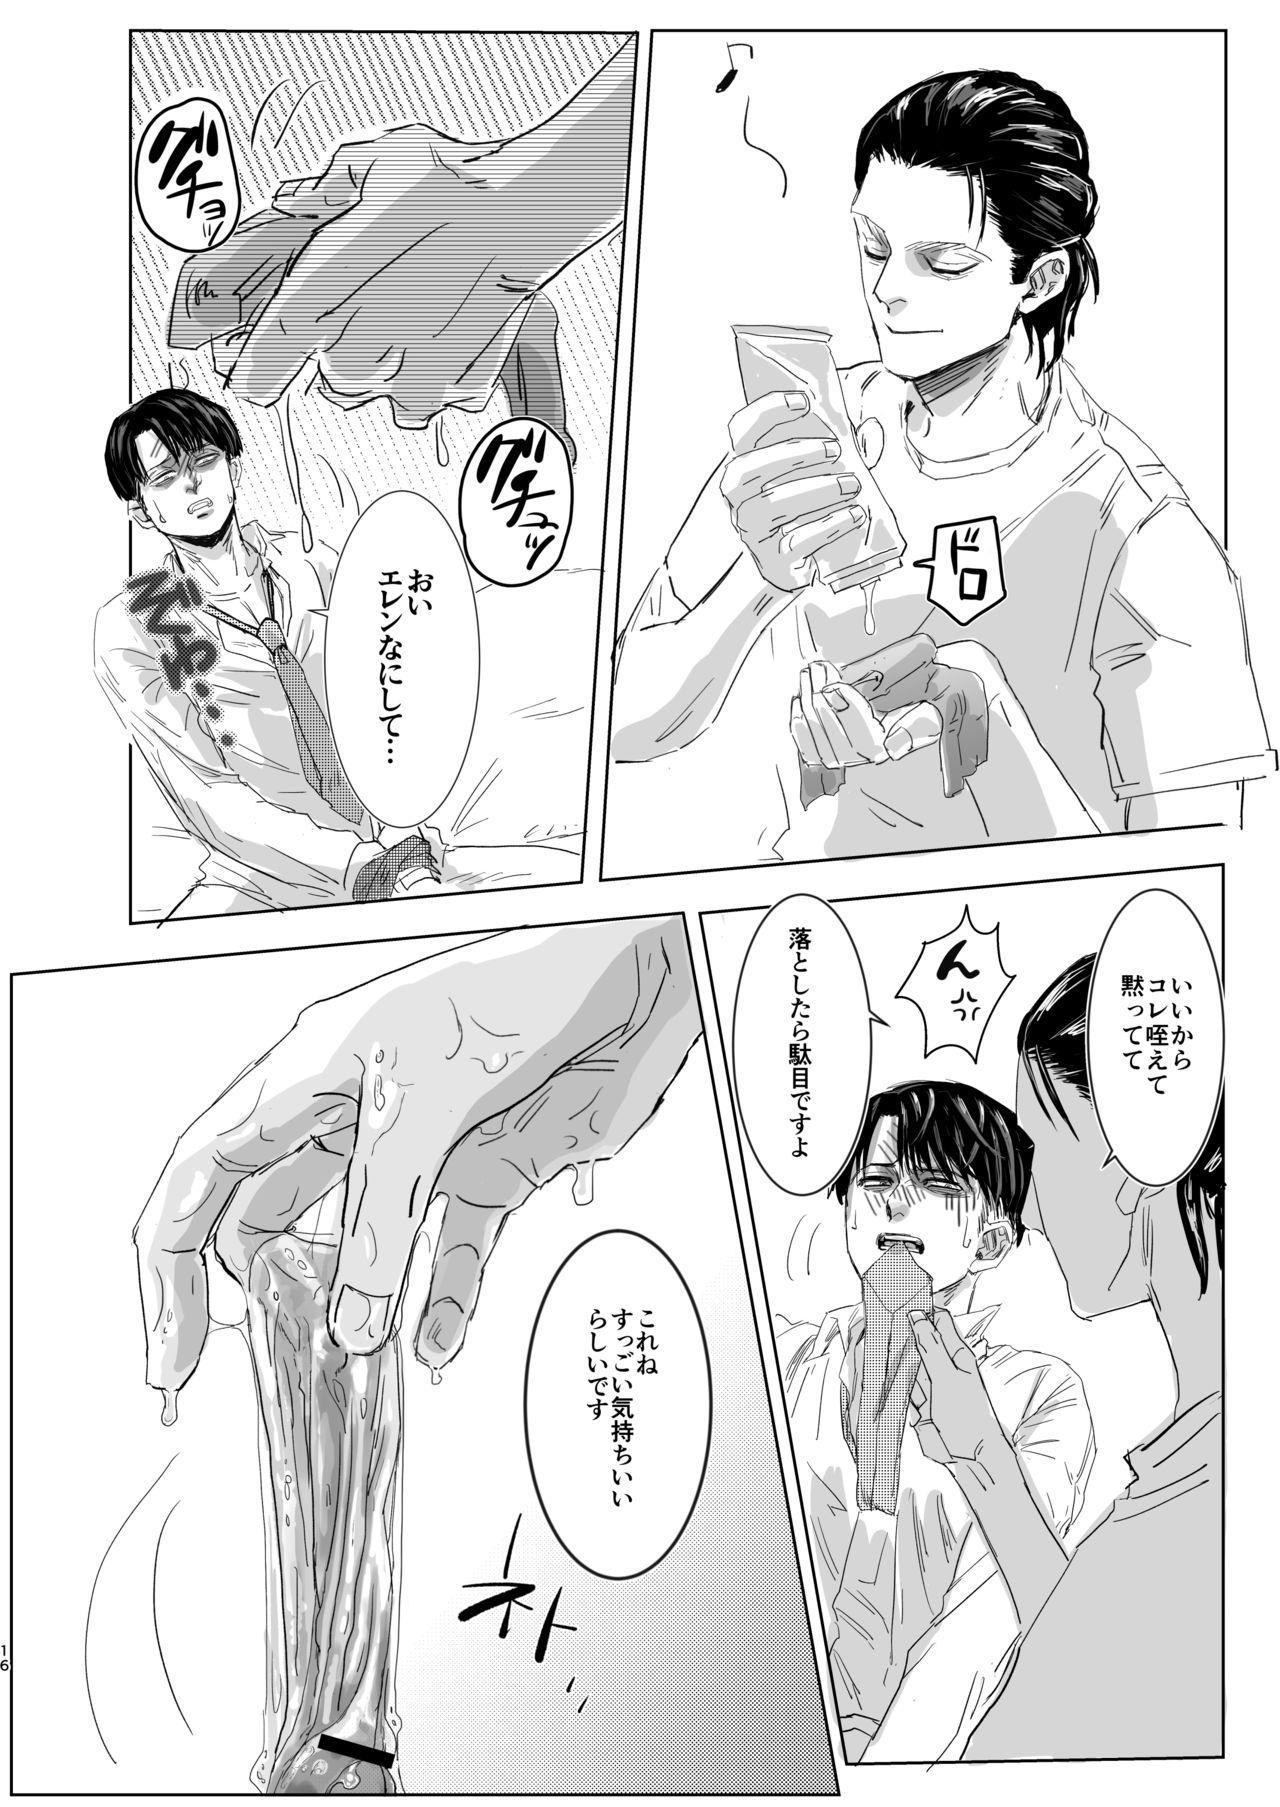 Ore no Kareshi ga Ore no Nioi o Sukisugite Komaru! 14